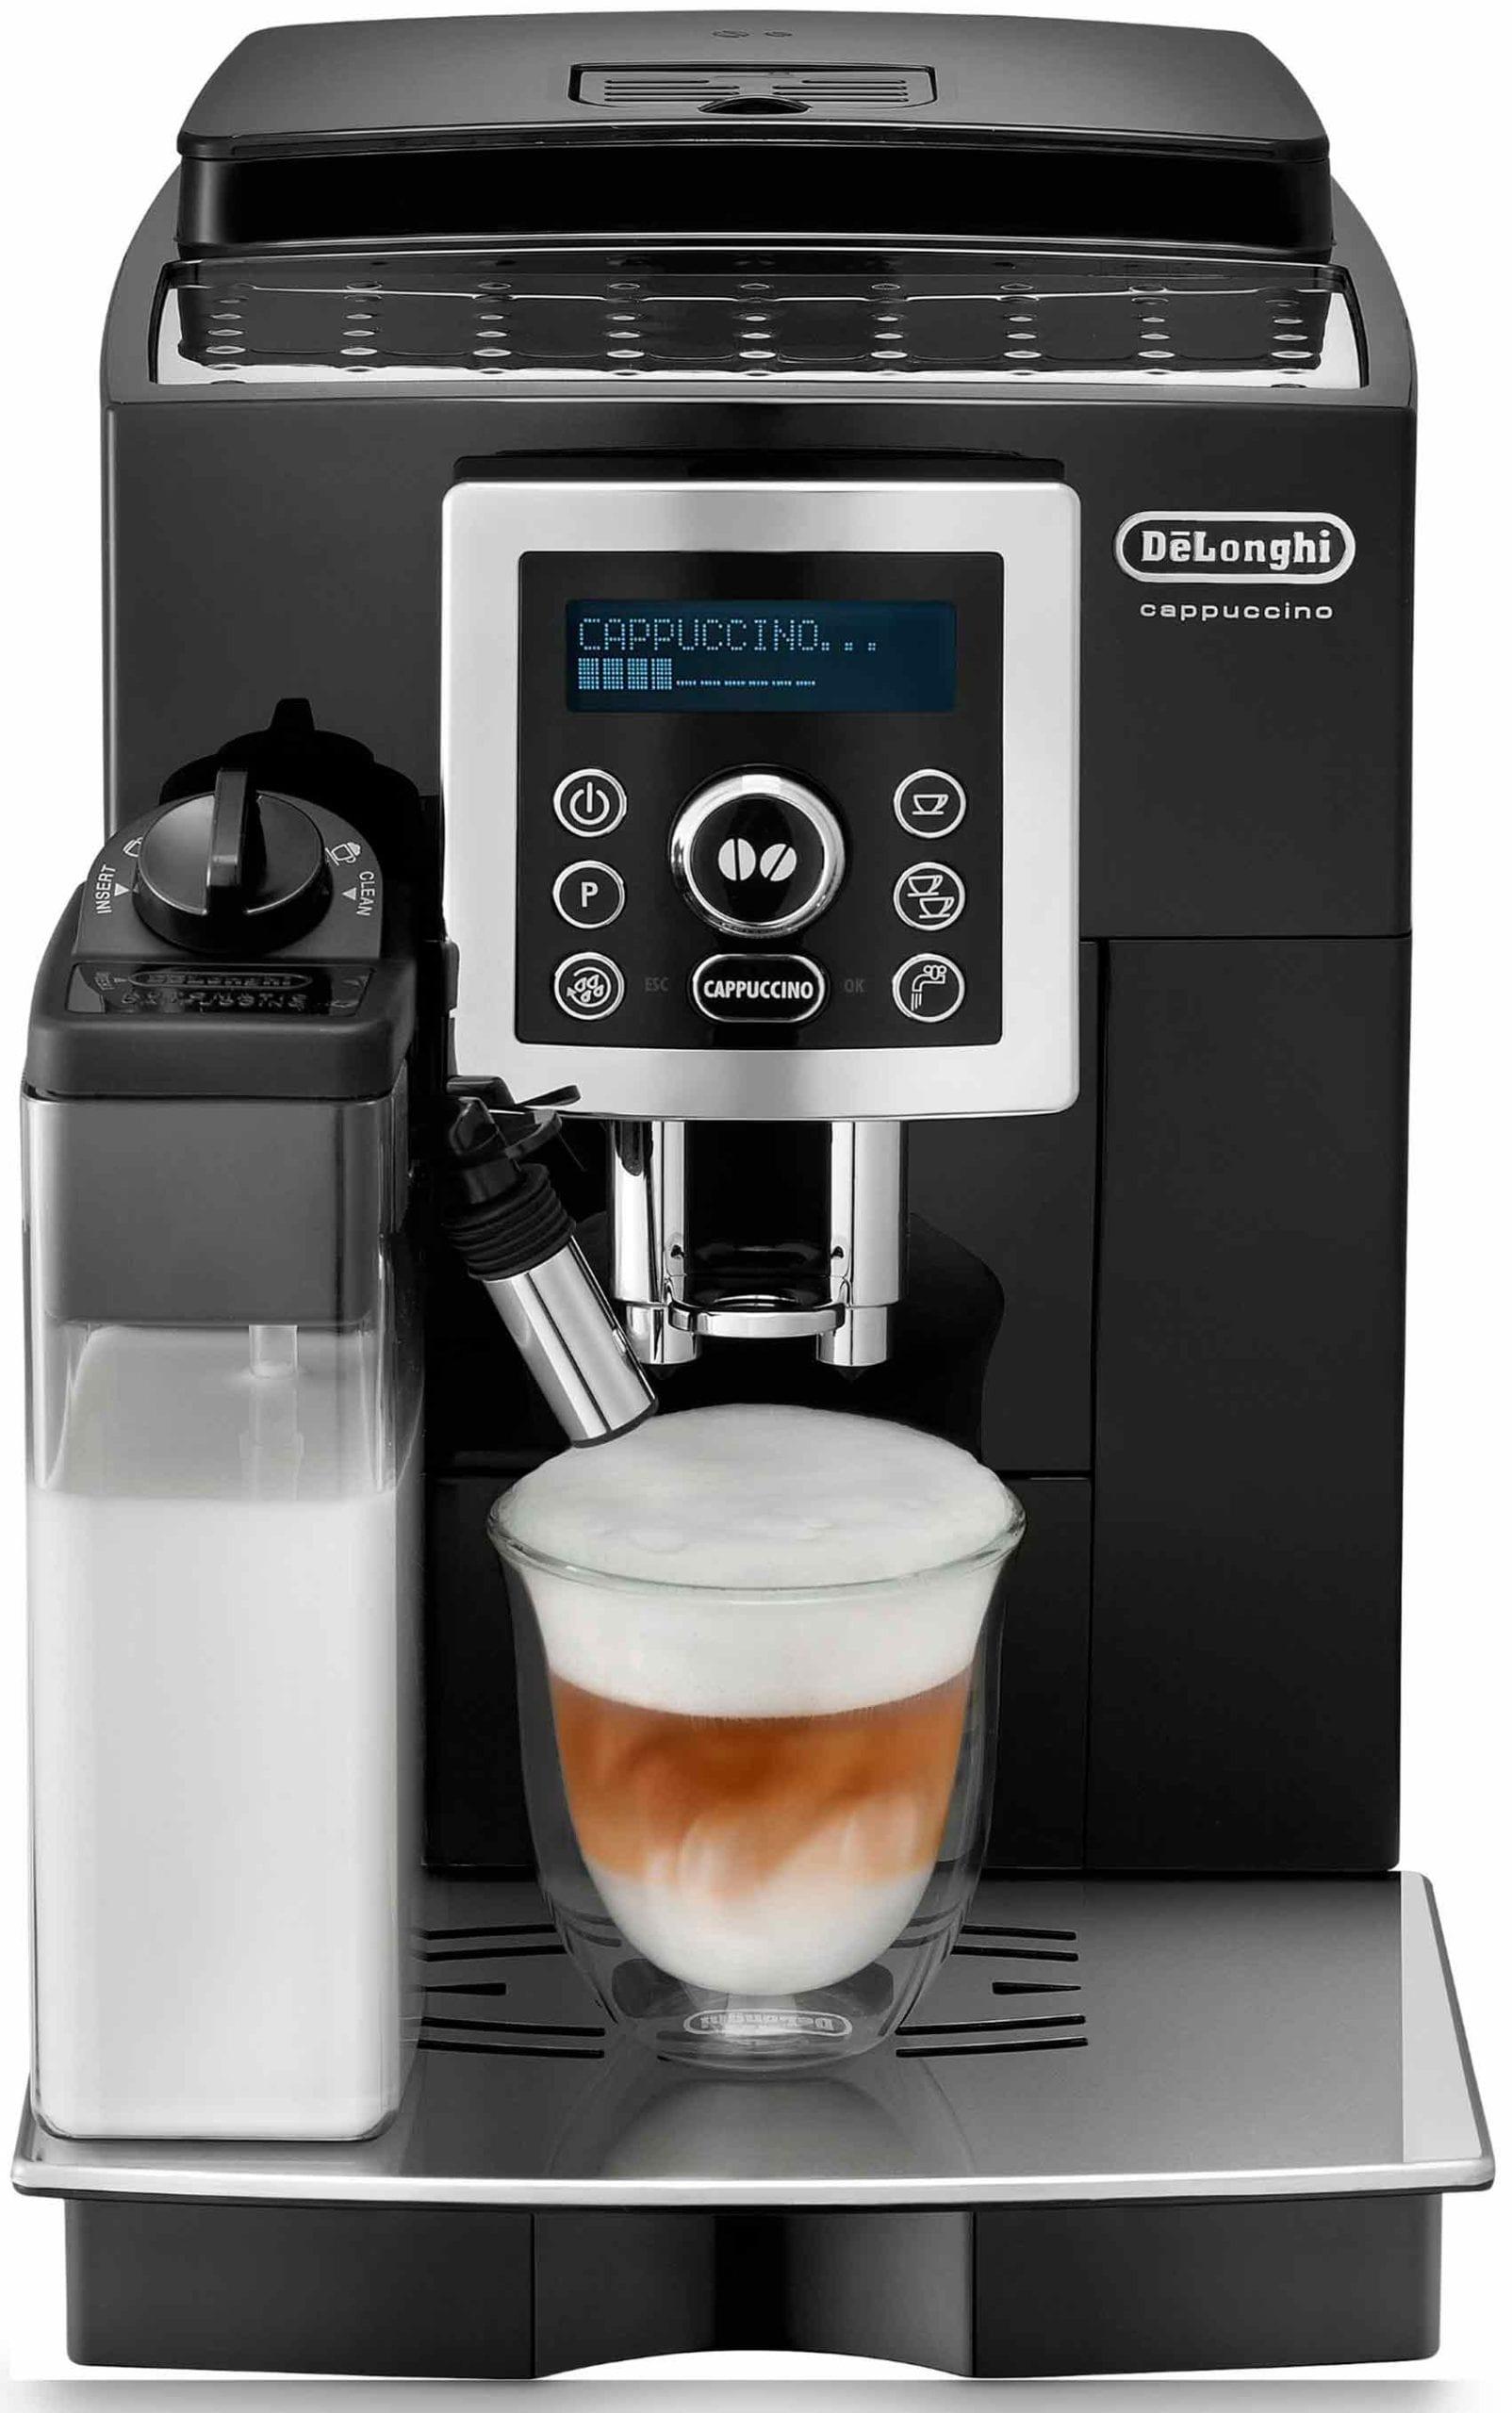 אוכל-מבצע-טרייד-אין-על-מכונות-הקפה-האוטומטיות-צילום-יחצ-דלונגי